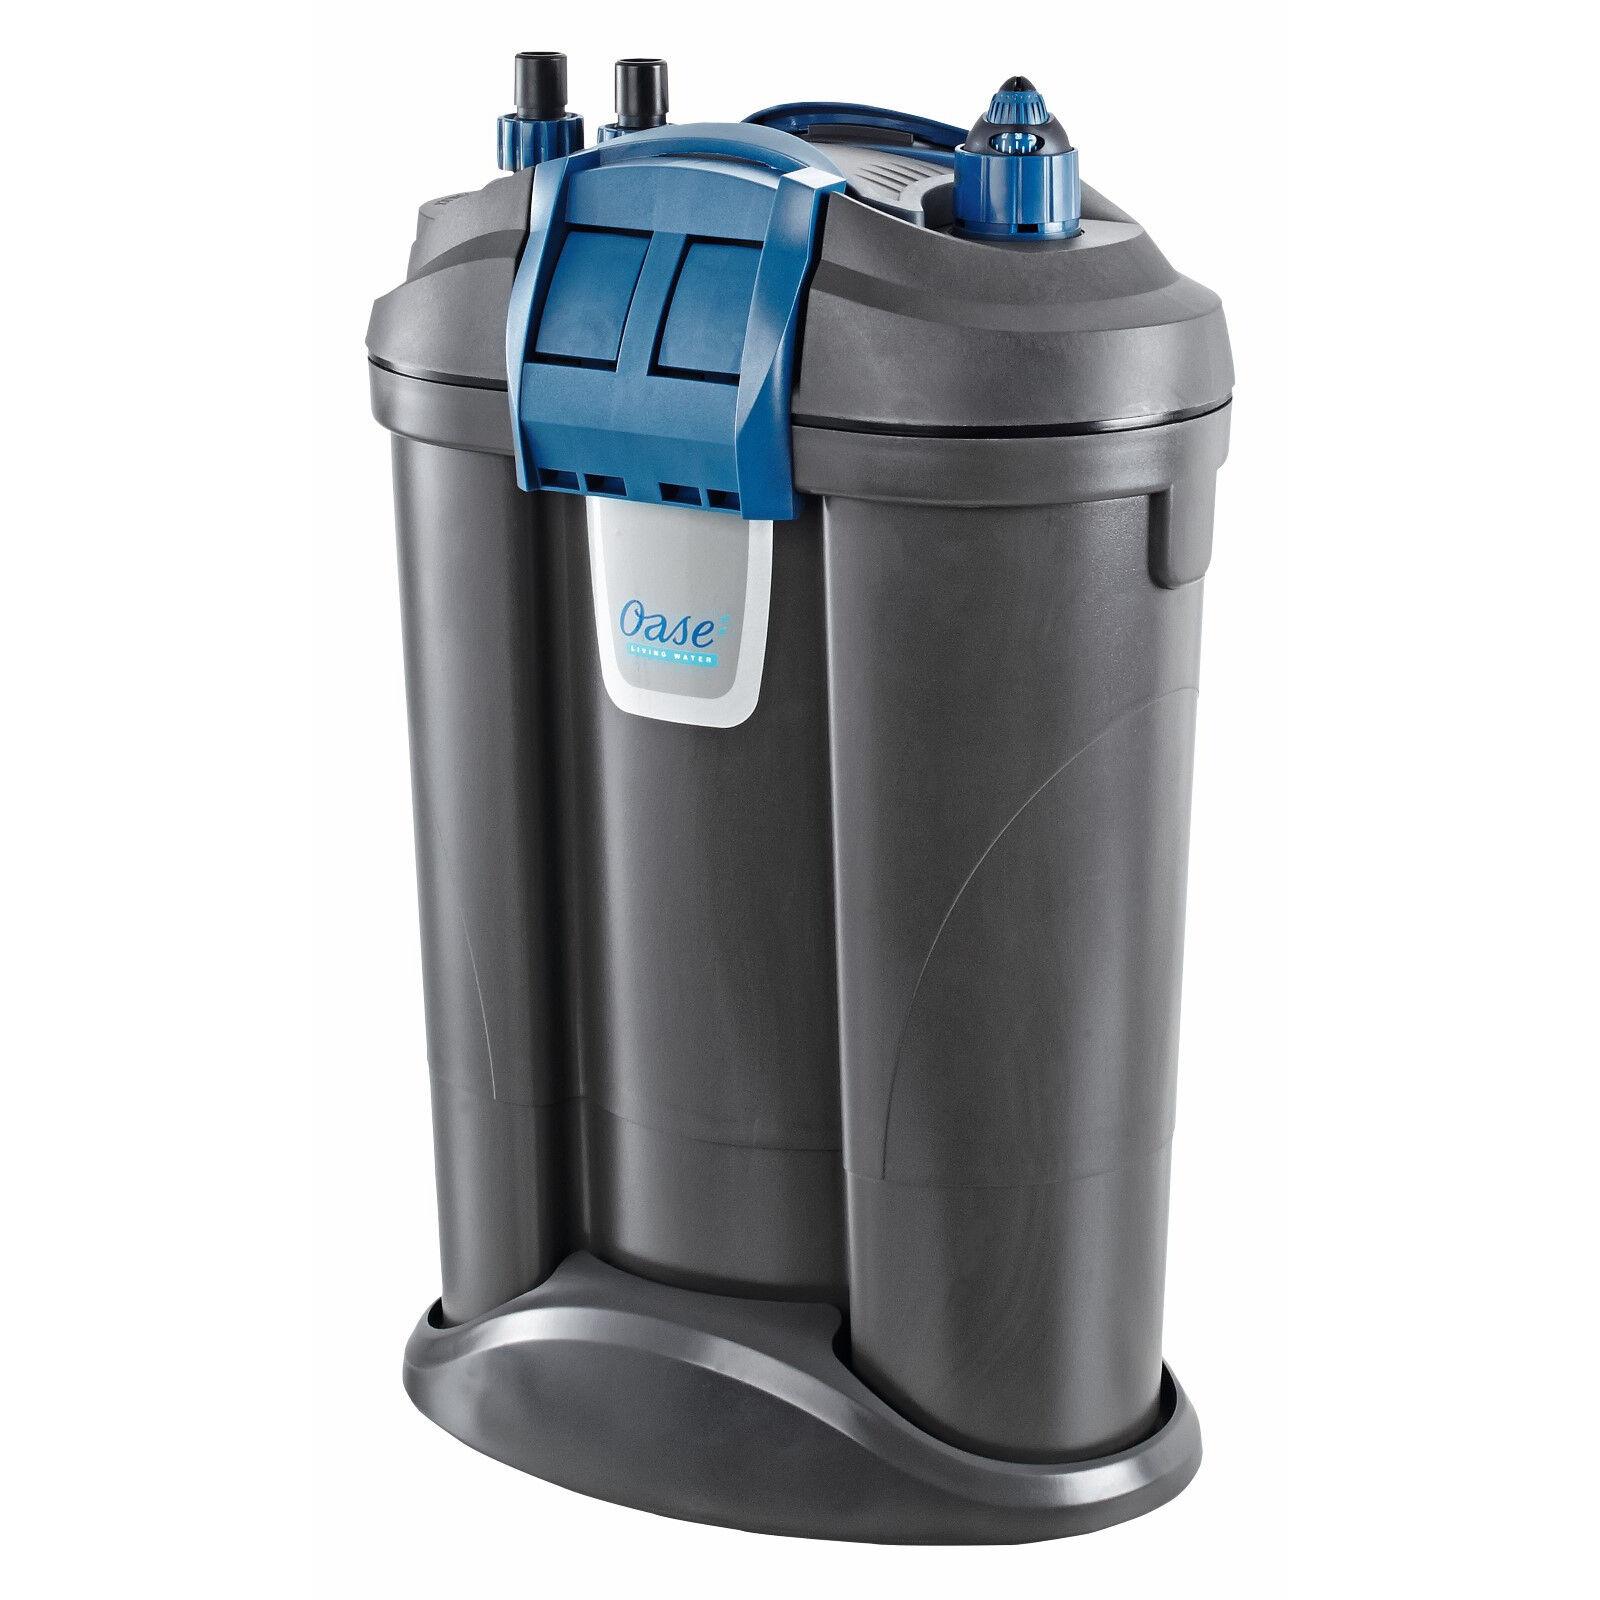 Oase FiltoSmart Thermo 300 Außenfilter mit Heizer für Aquarien bis 300 L Außen